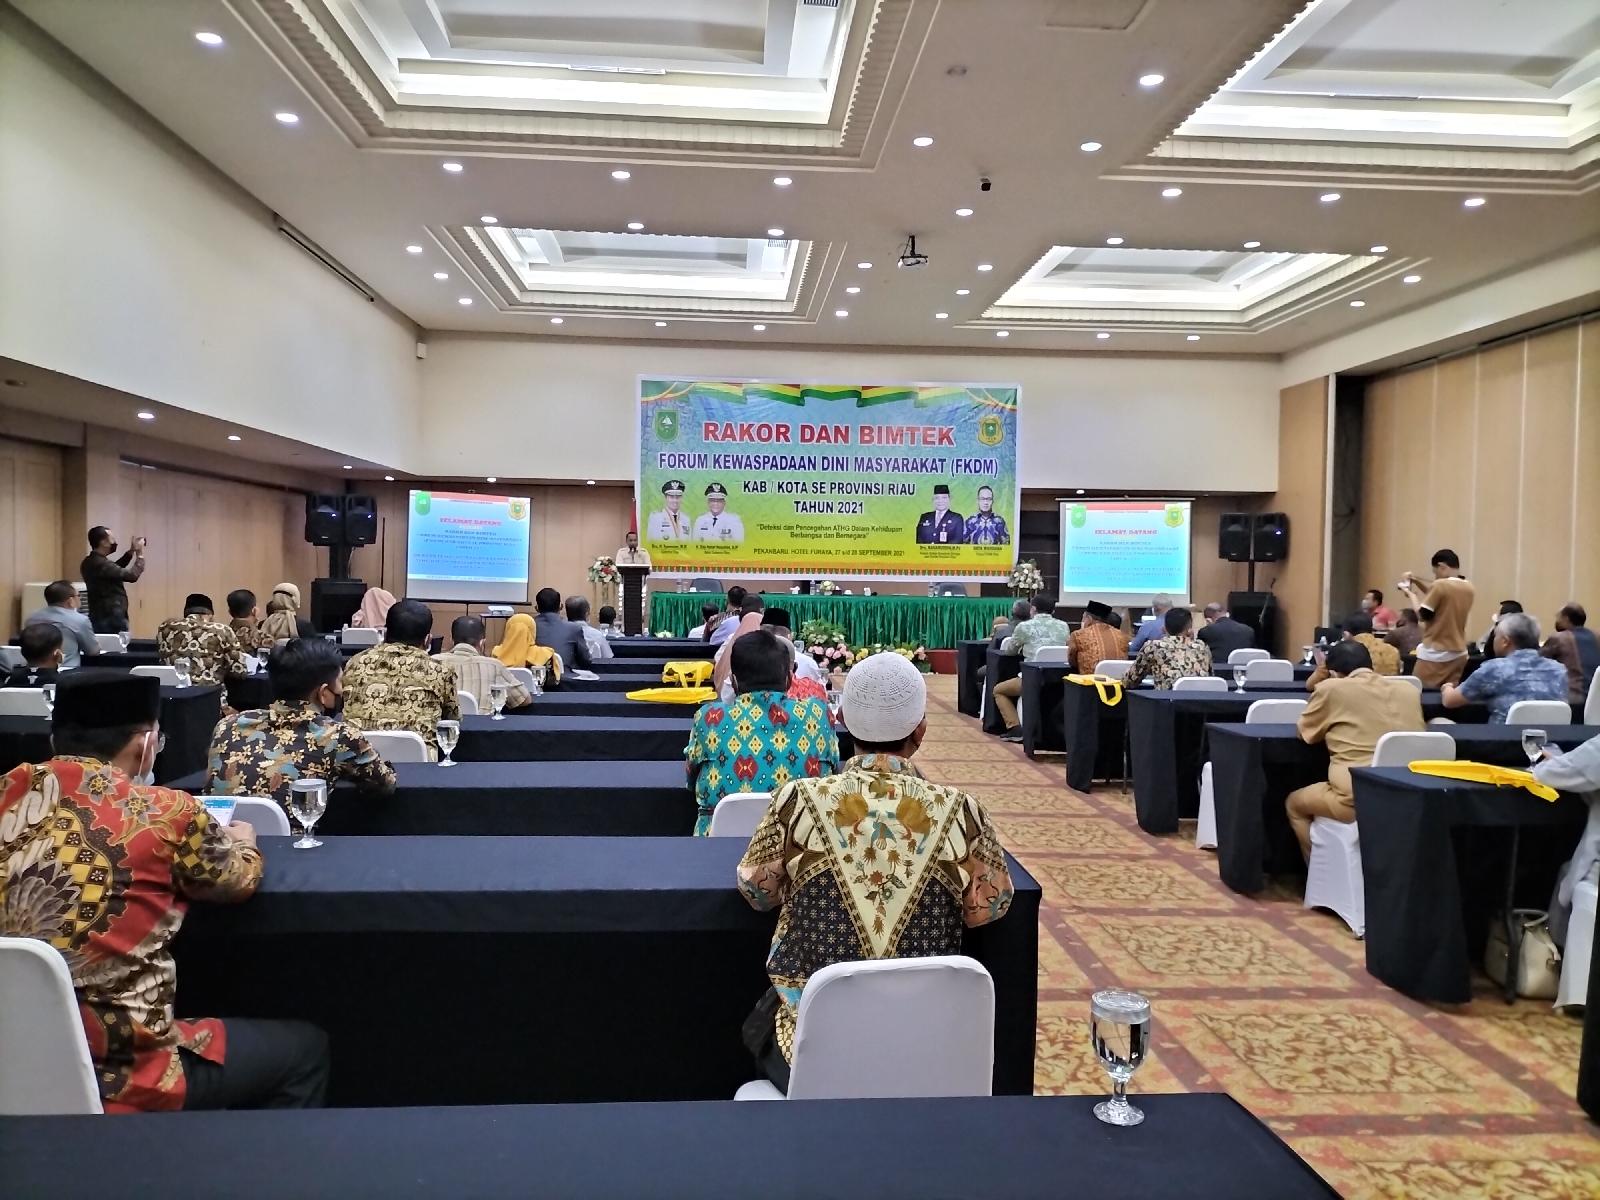 FKDM Riau Taja Rakor dan Bimtek Bagi Pengurus FKDM Se Riau